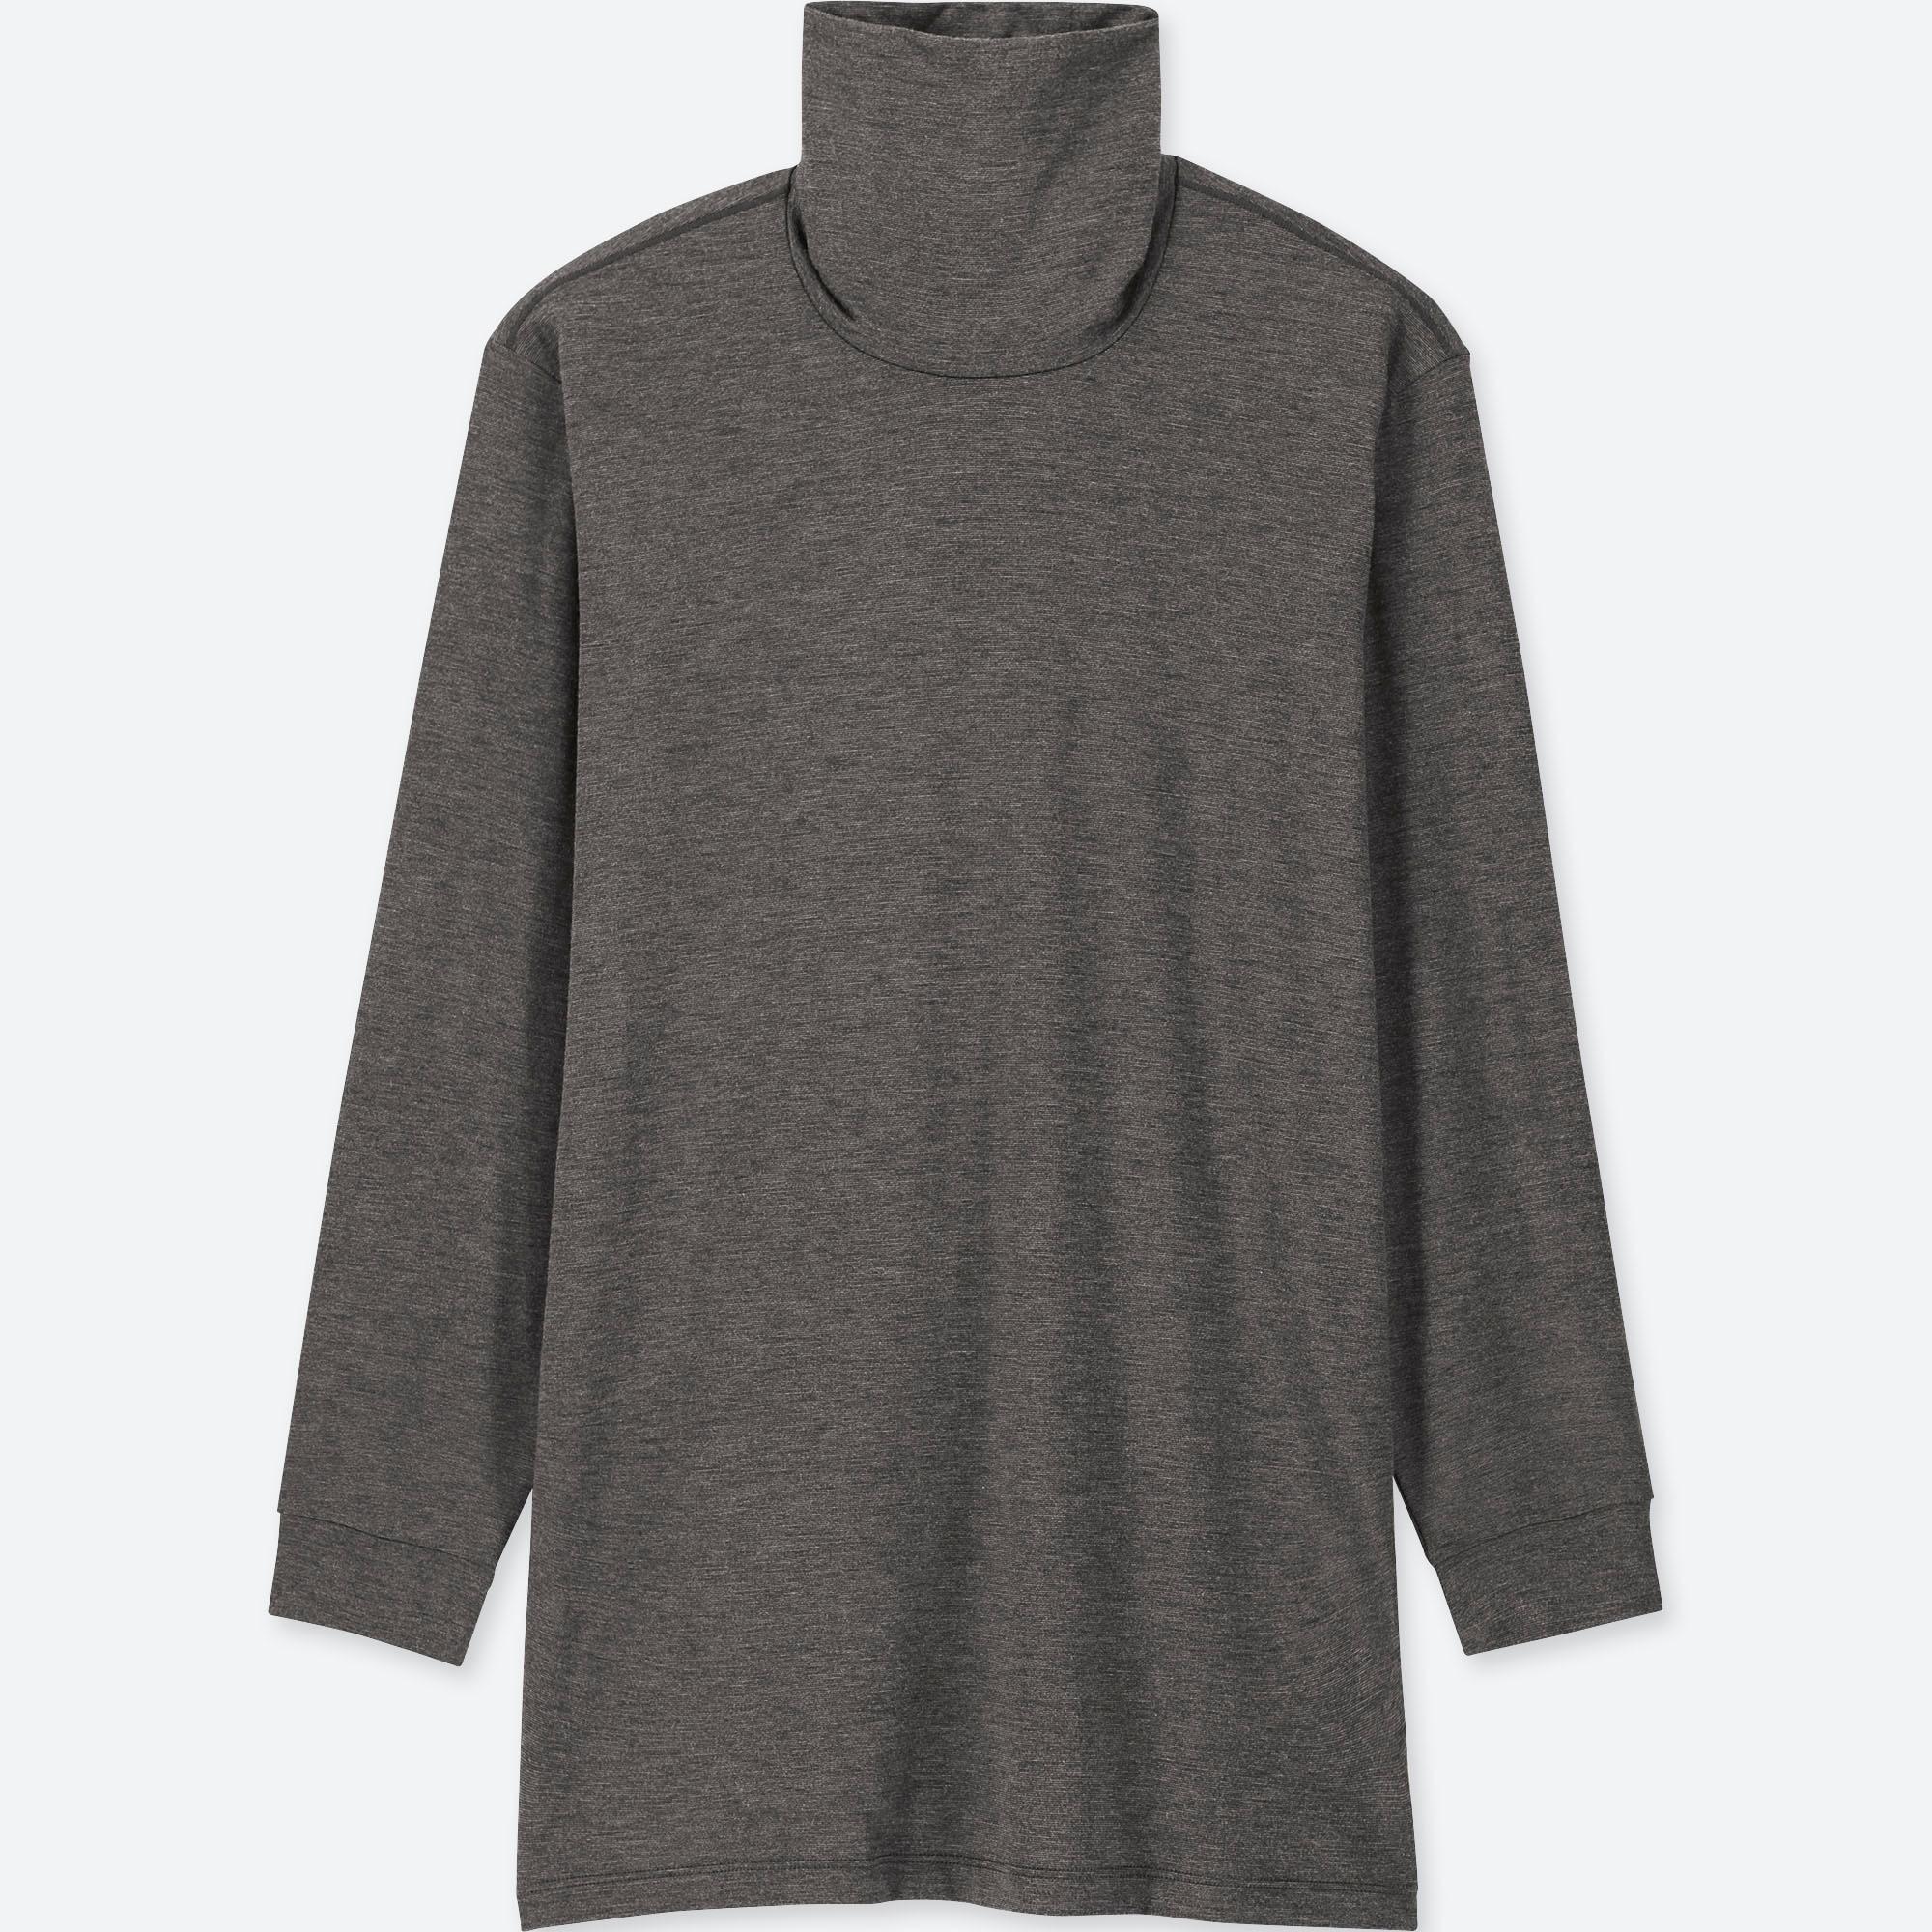 FemmeCeinturesSous Tailles VêtementsUniqlo Petites Et Grandes Fr tQrdhsC